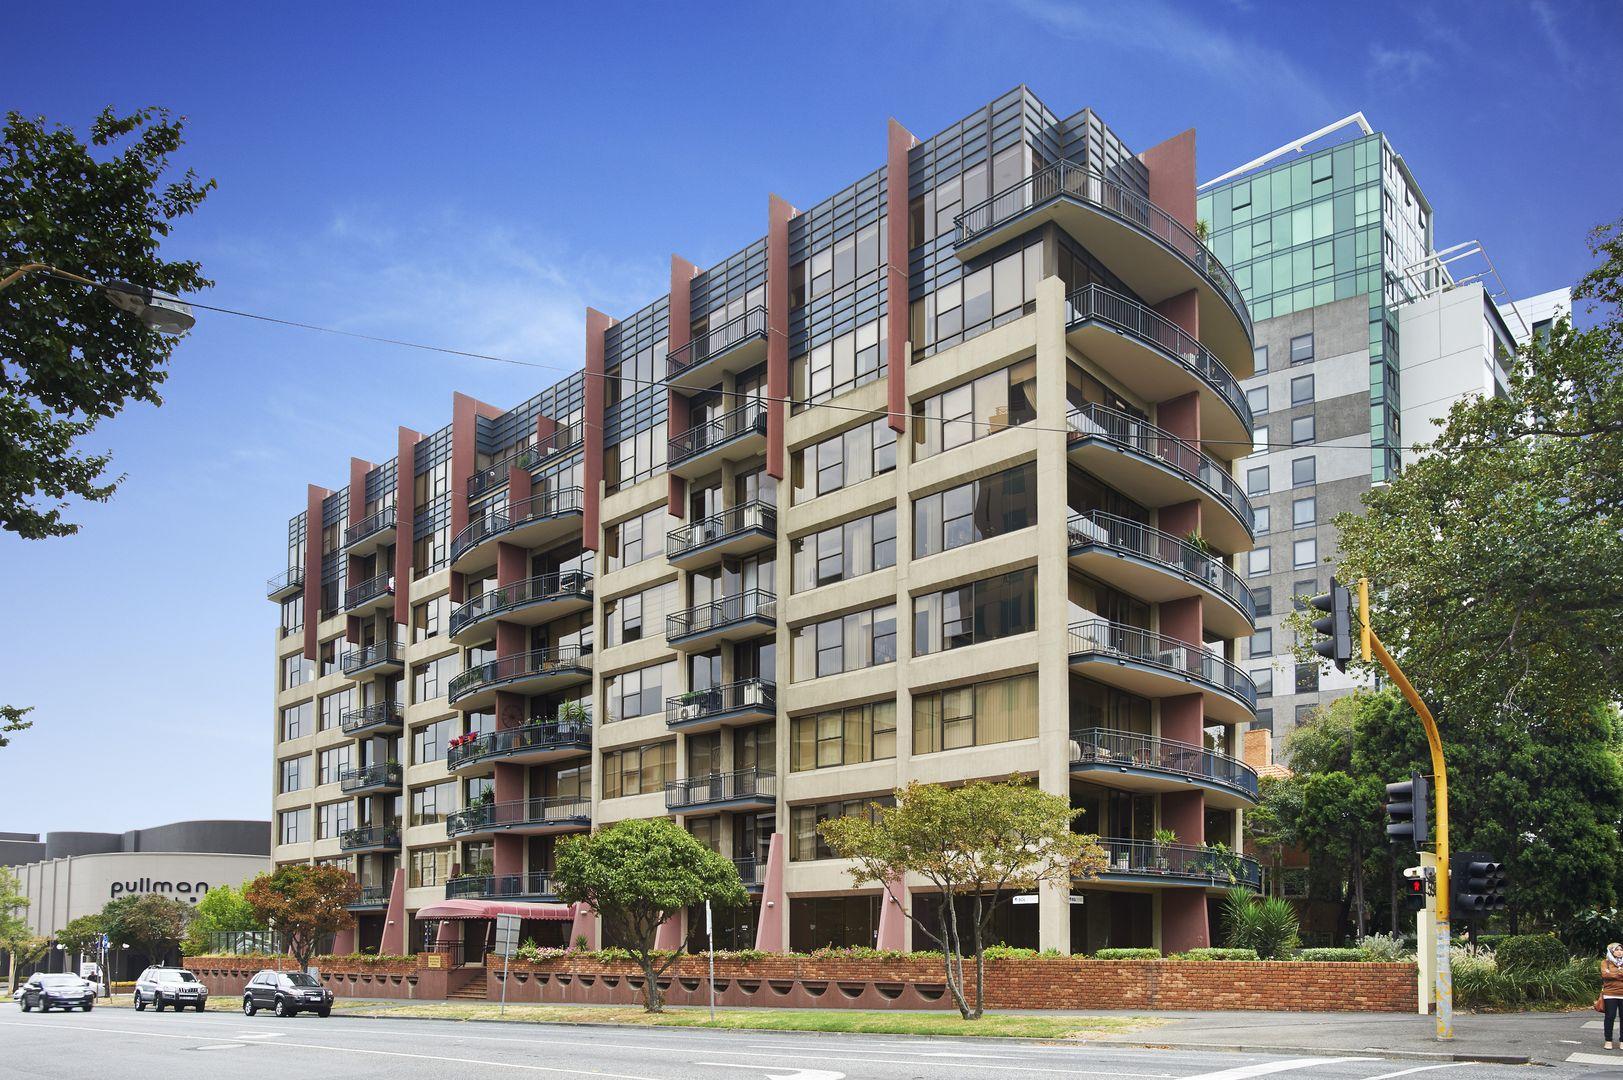 201/598 St Kilda Road, Melbourne 3004 VIC 3004, Image 0